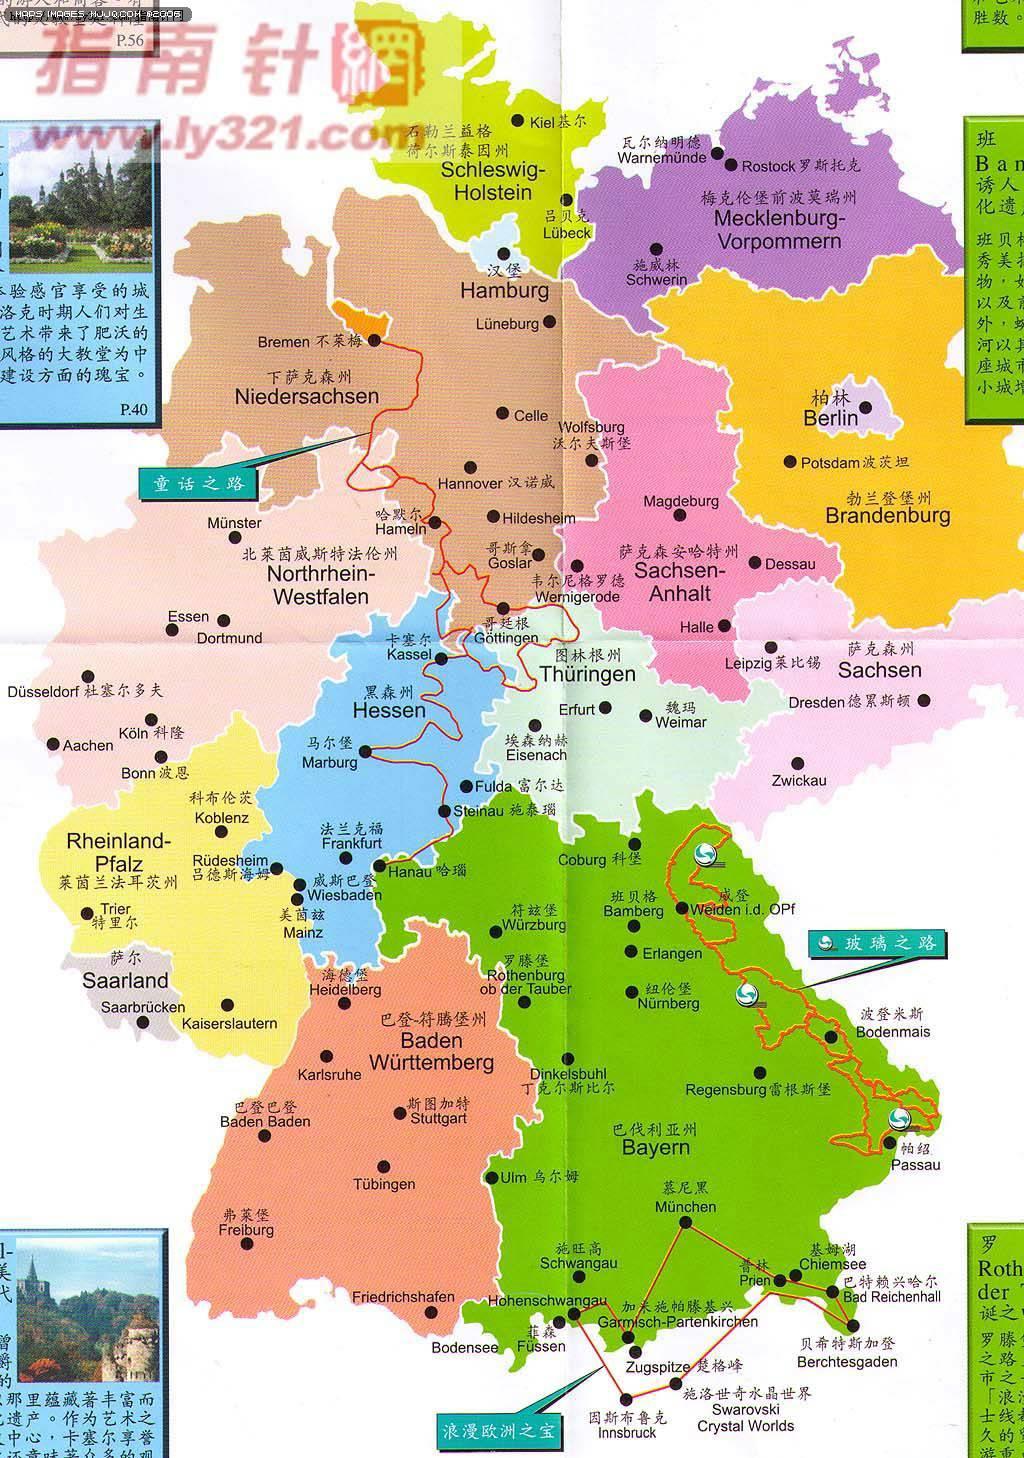 世界主要城市地图简图_